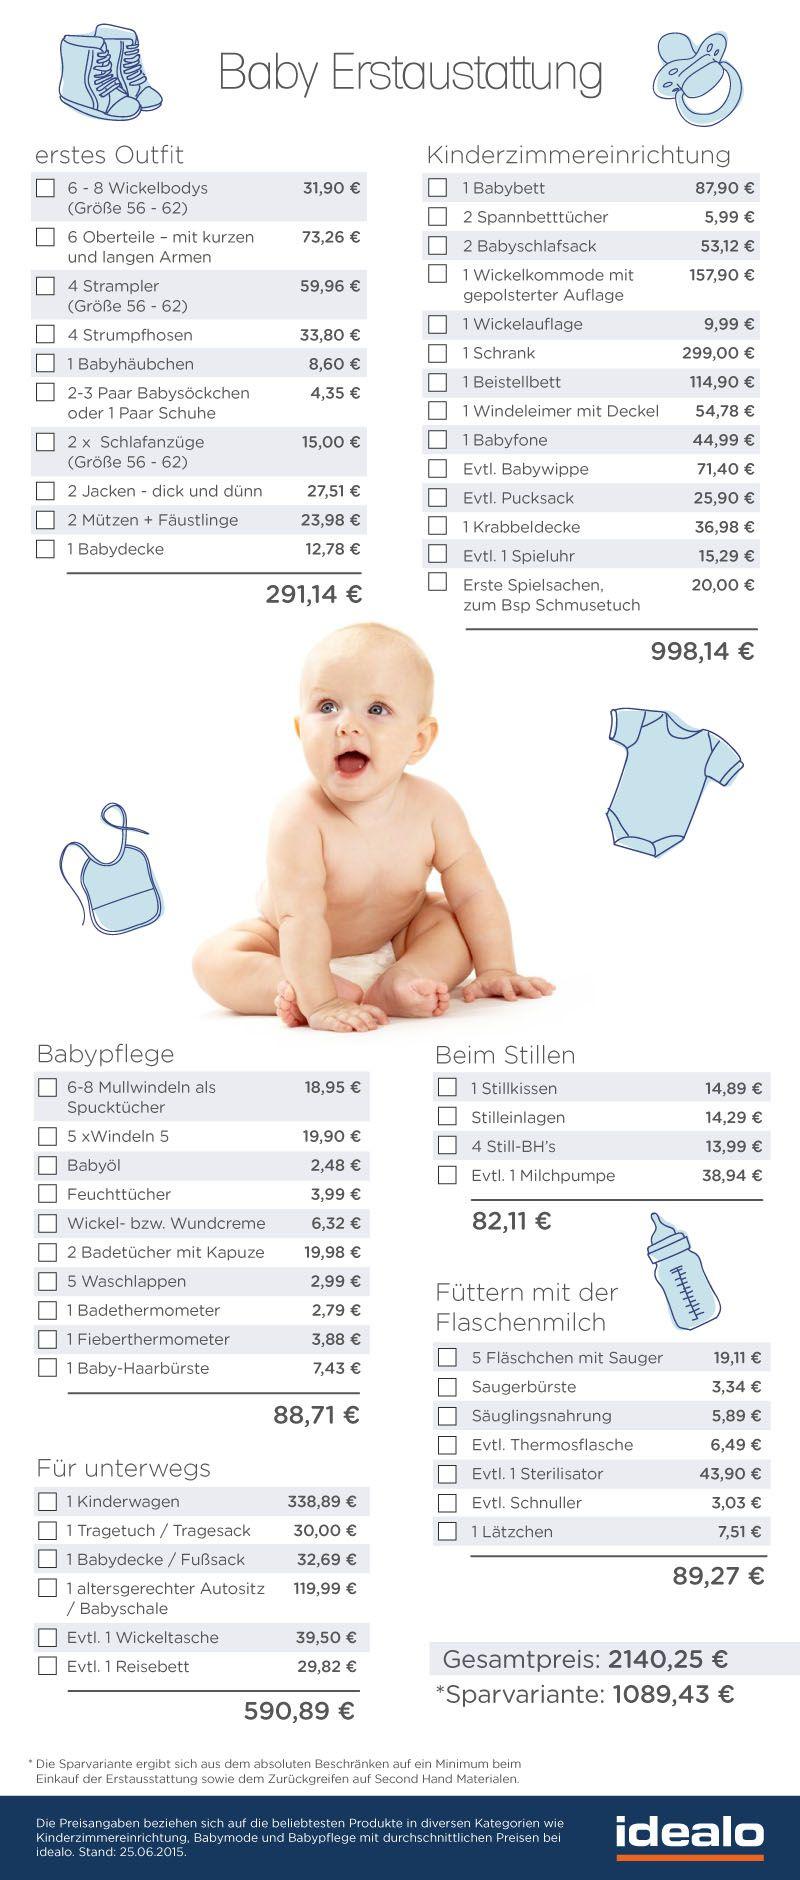 Checkliste Erstausstattung Baby | Babyparty-geschenke | Pinterest ...